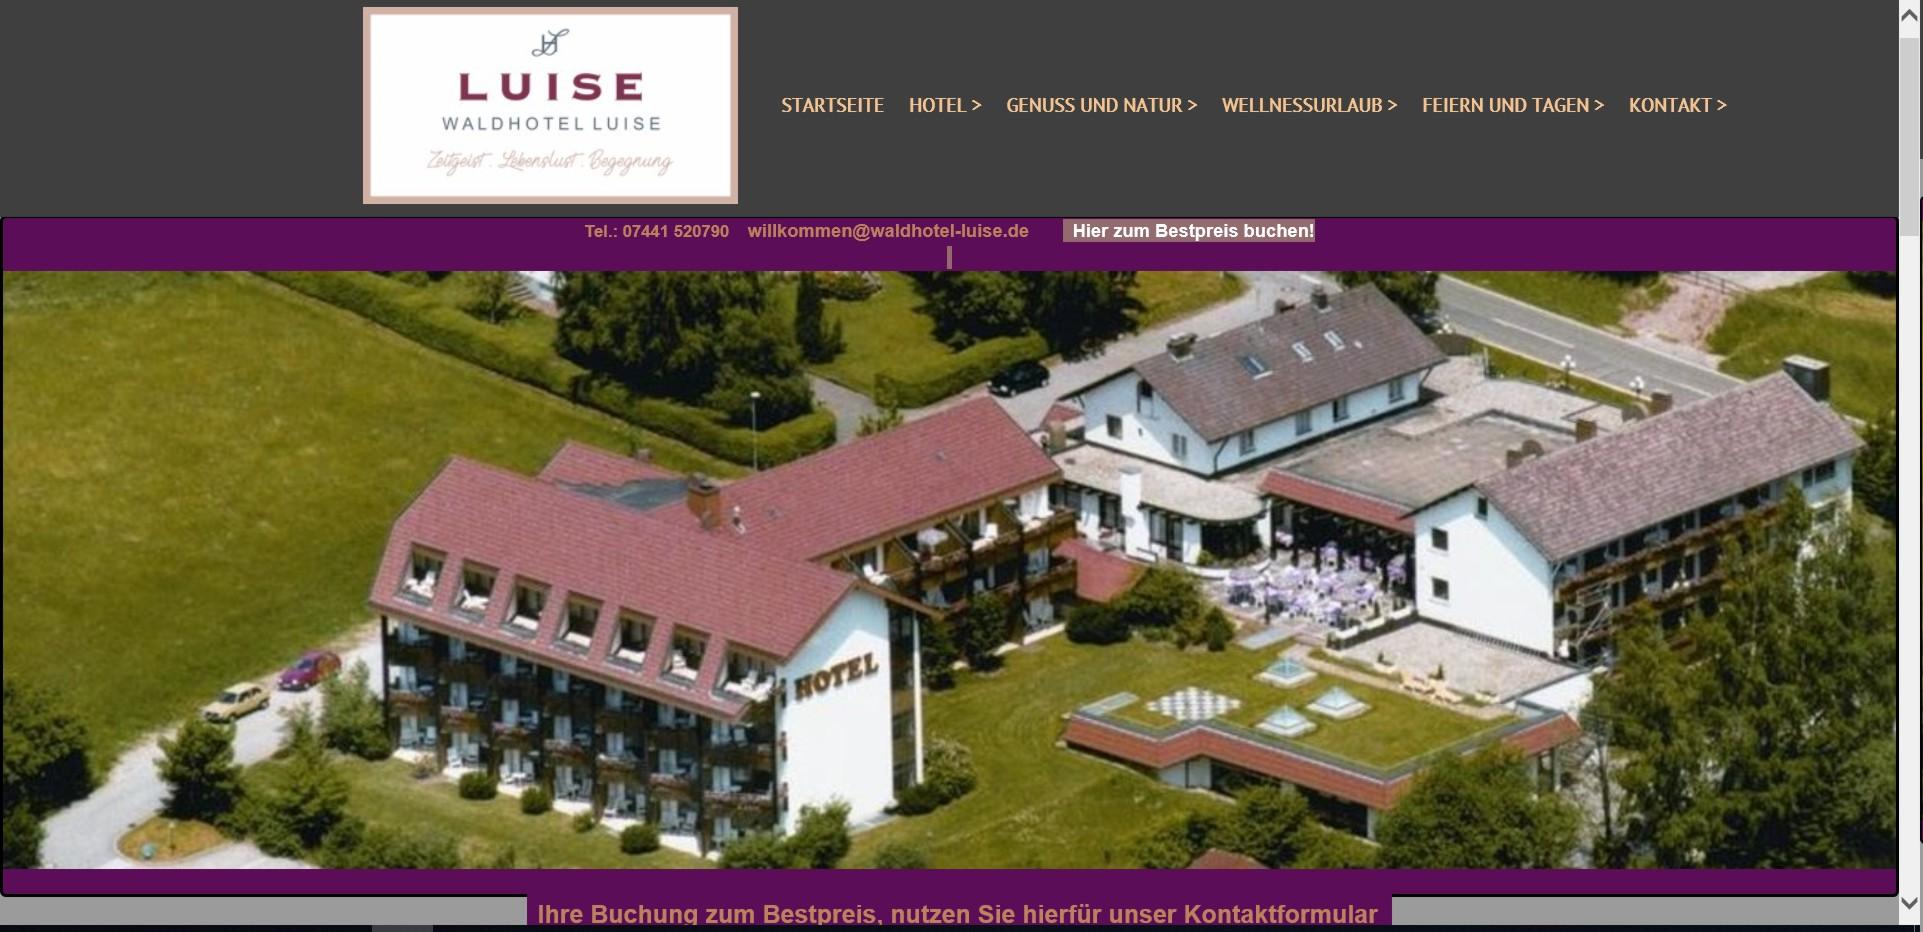 Bild Website Waldhotel Luise Freudenstadt